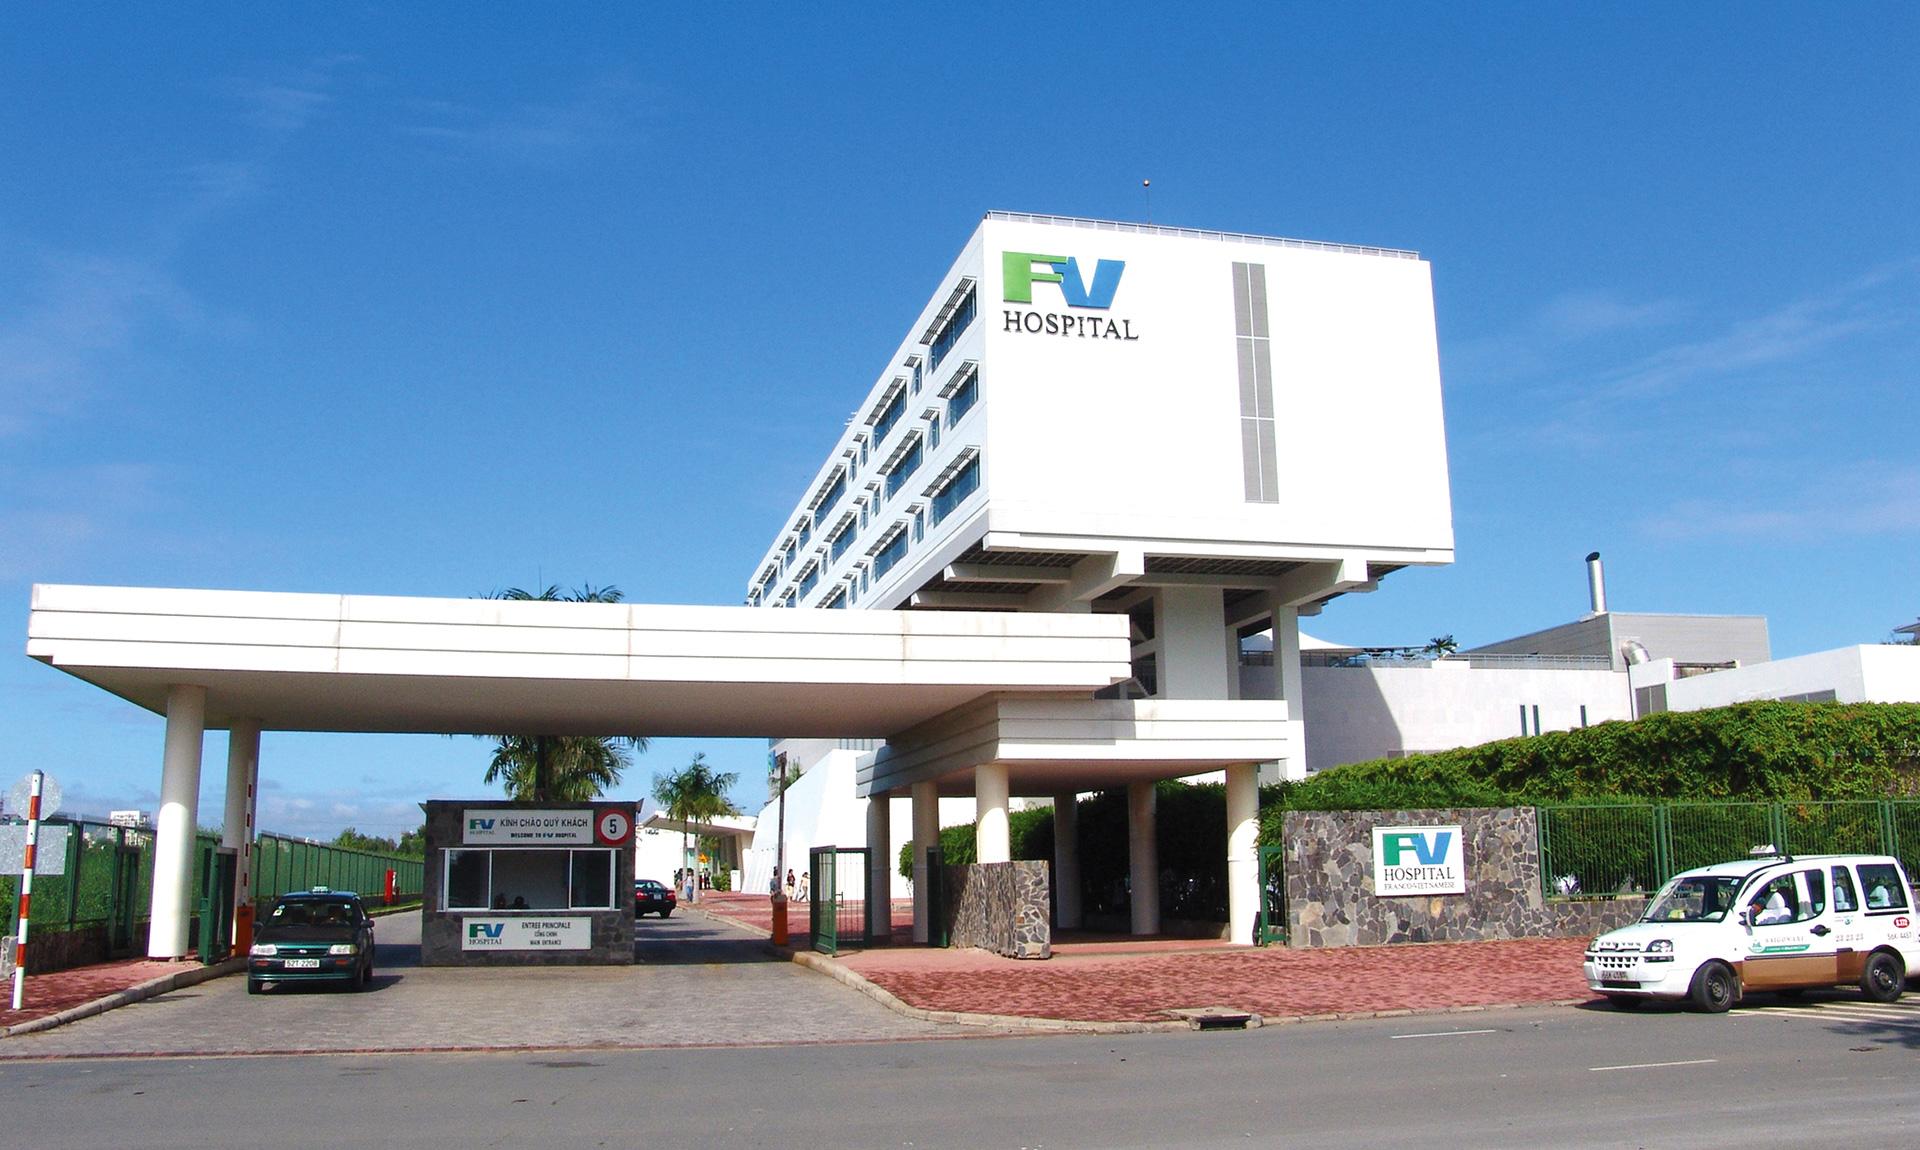 fv hospital - 5 cụm đô thị do Phú Mỹ Hưng phát triển